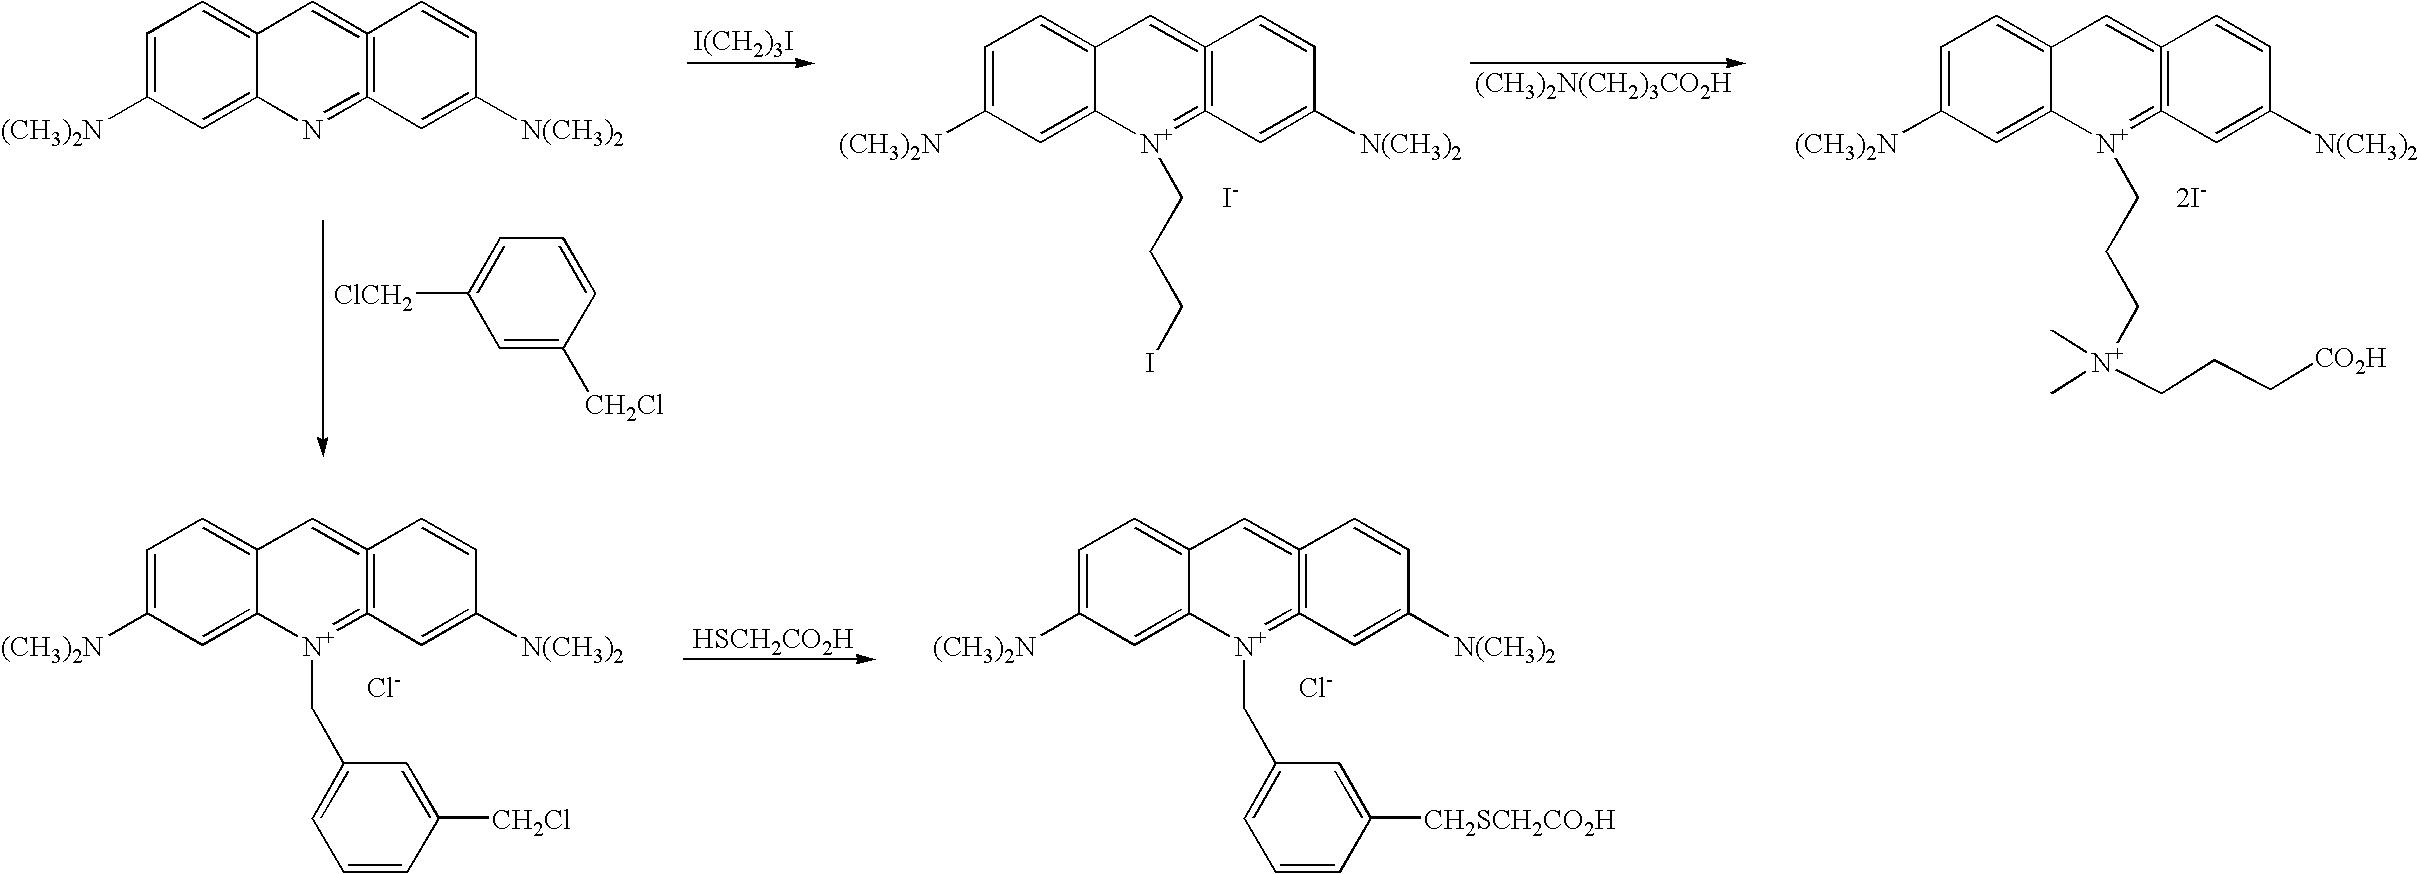 Figure US20060211028A1-20060921-C00058